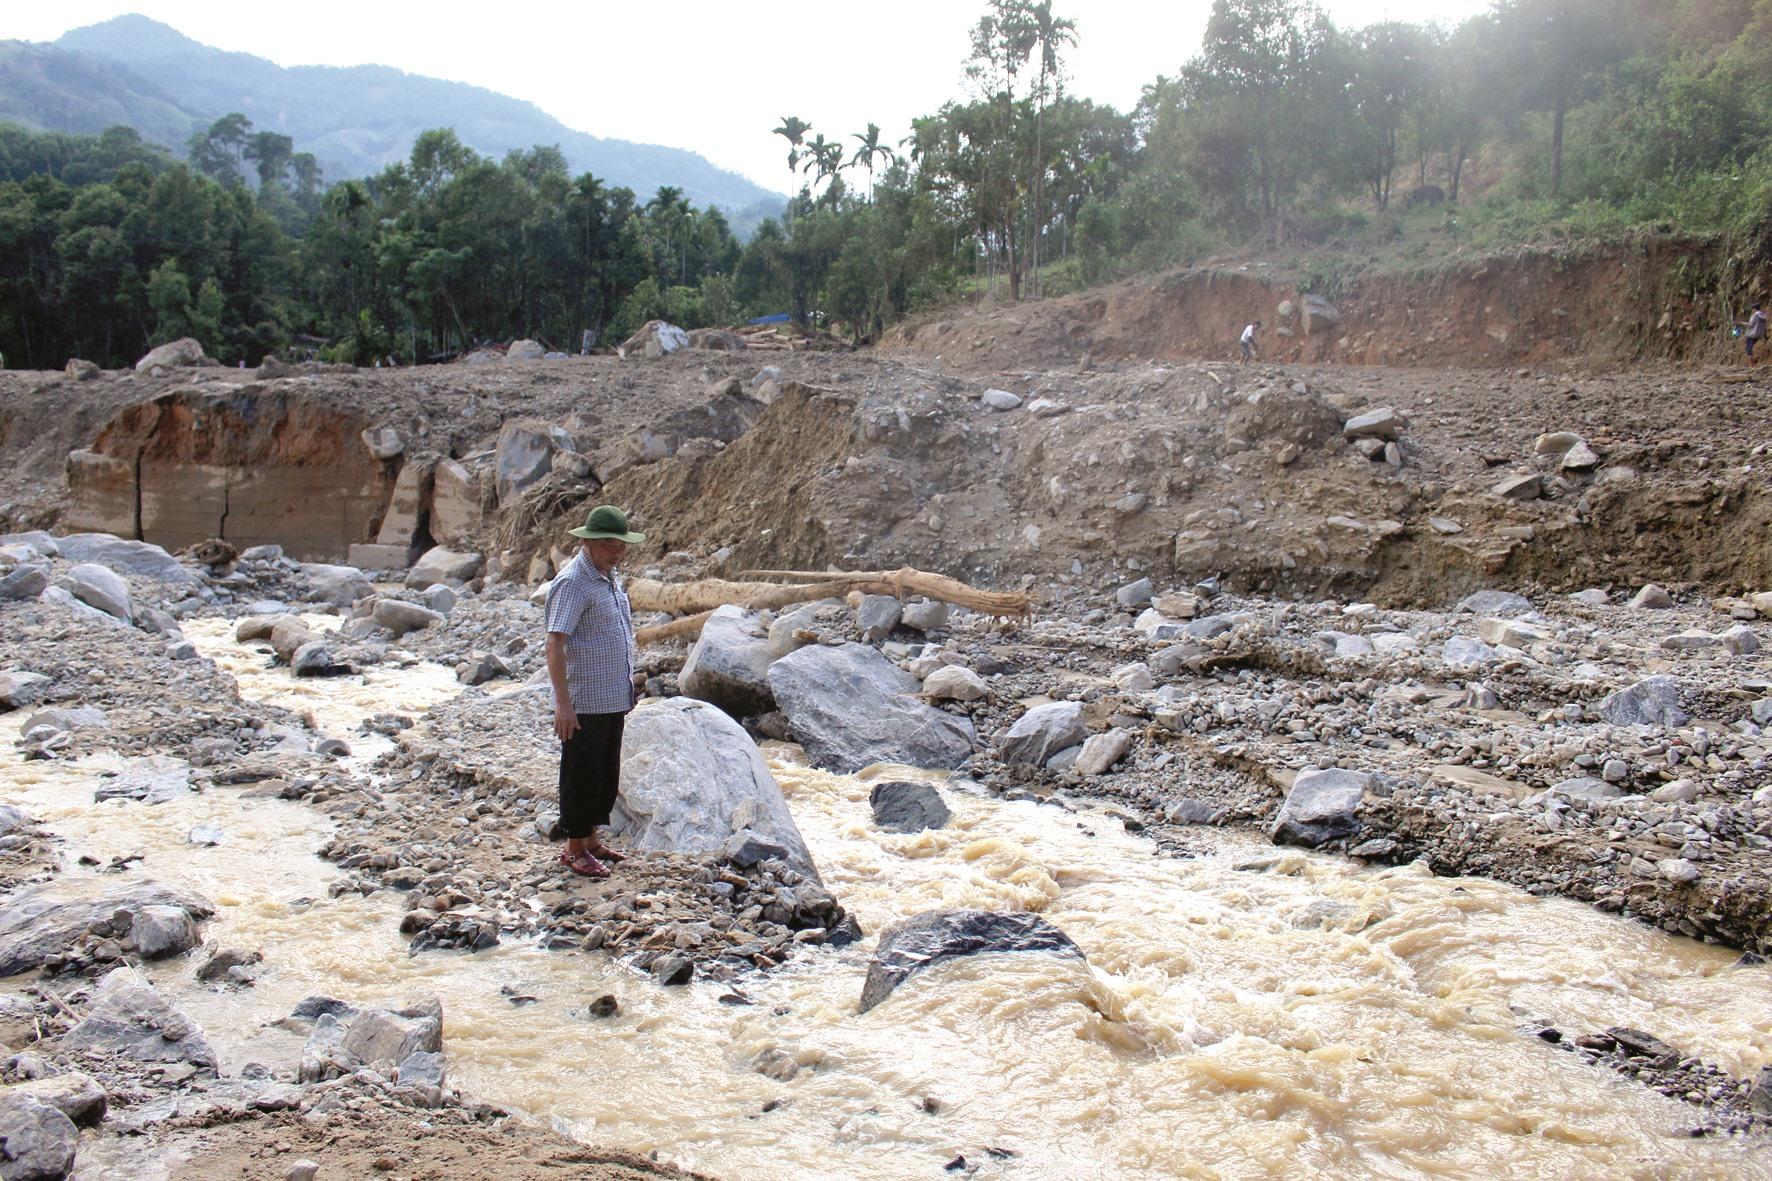 Phải mất rất nhiều thời gian, tiền bạc mới có thể khắc phục được hậu quả do lũ gây ra ở các địa bàn miền núi, đặc biệt với các dòng sông. Ảnh: N.T